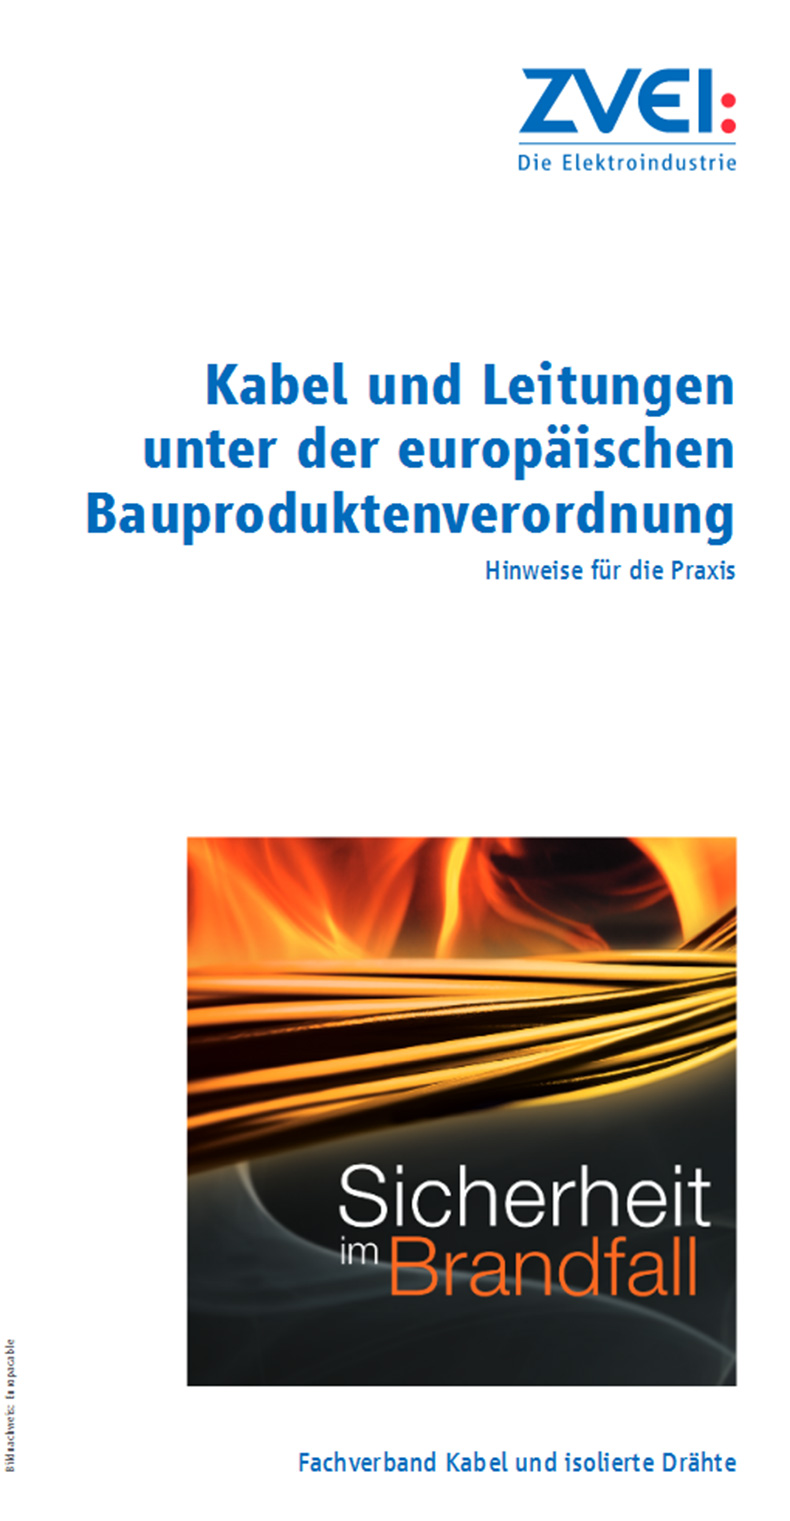 Kabel und Leitungen unter der europäischen Bauproduktenverordnung ...